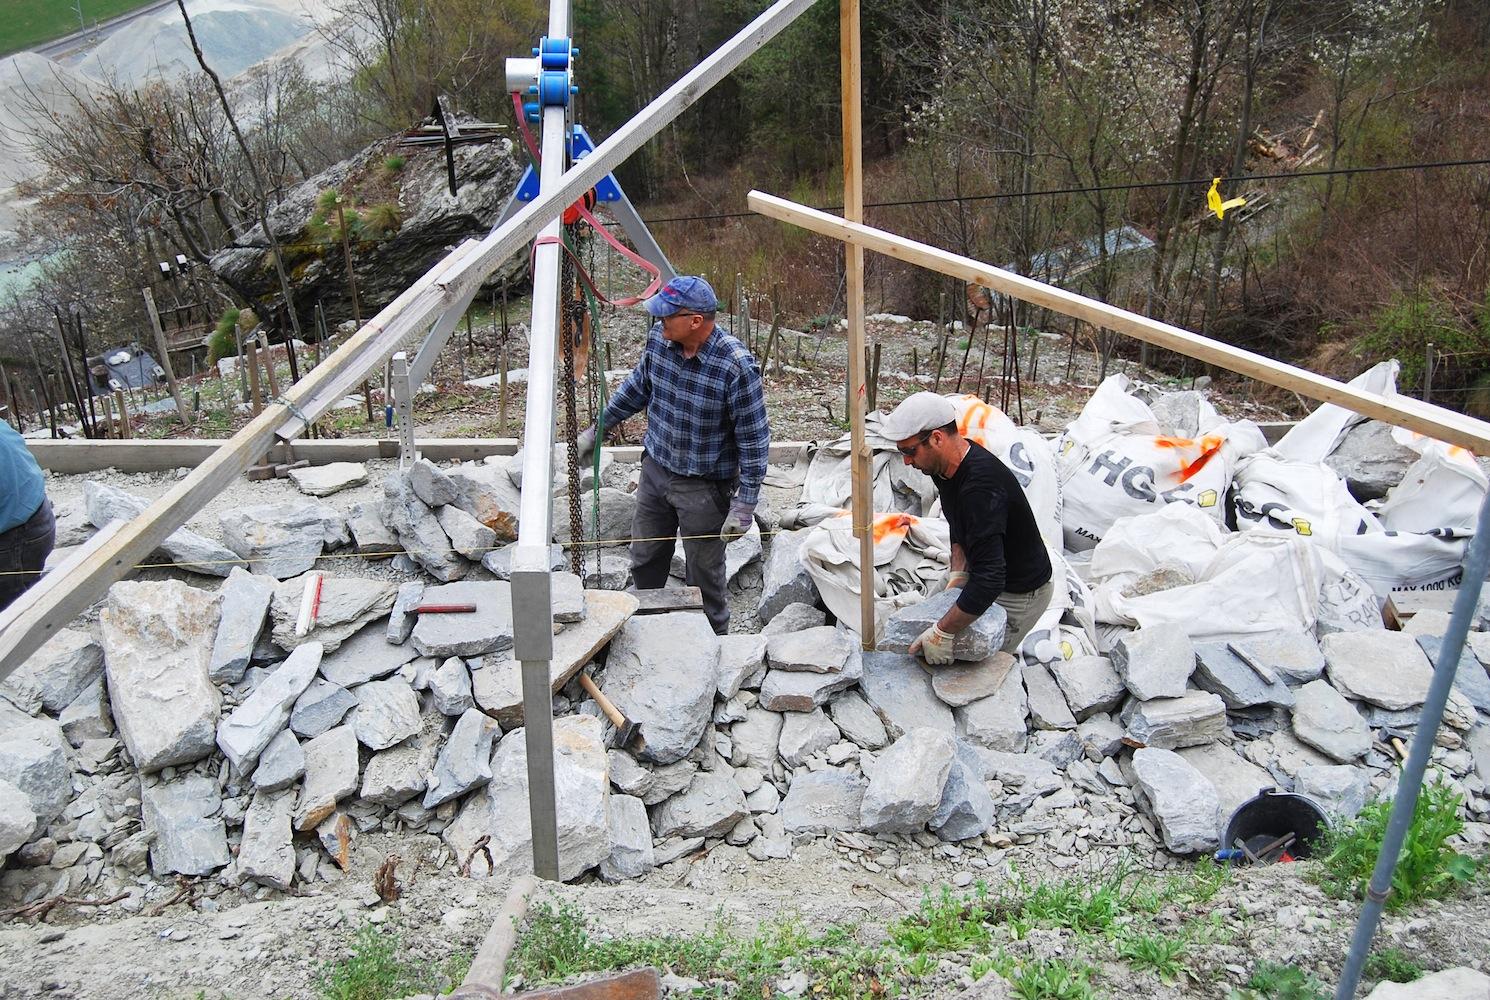 Stützmauern sind Schwergewichts-Mauern. Mit ihrem Eigengewicht tragen und stützen sie die Rebterrassen.